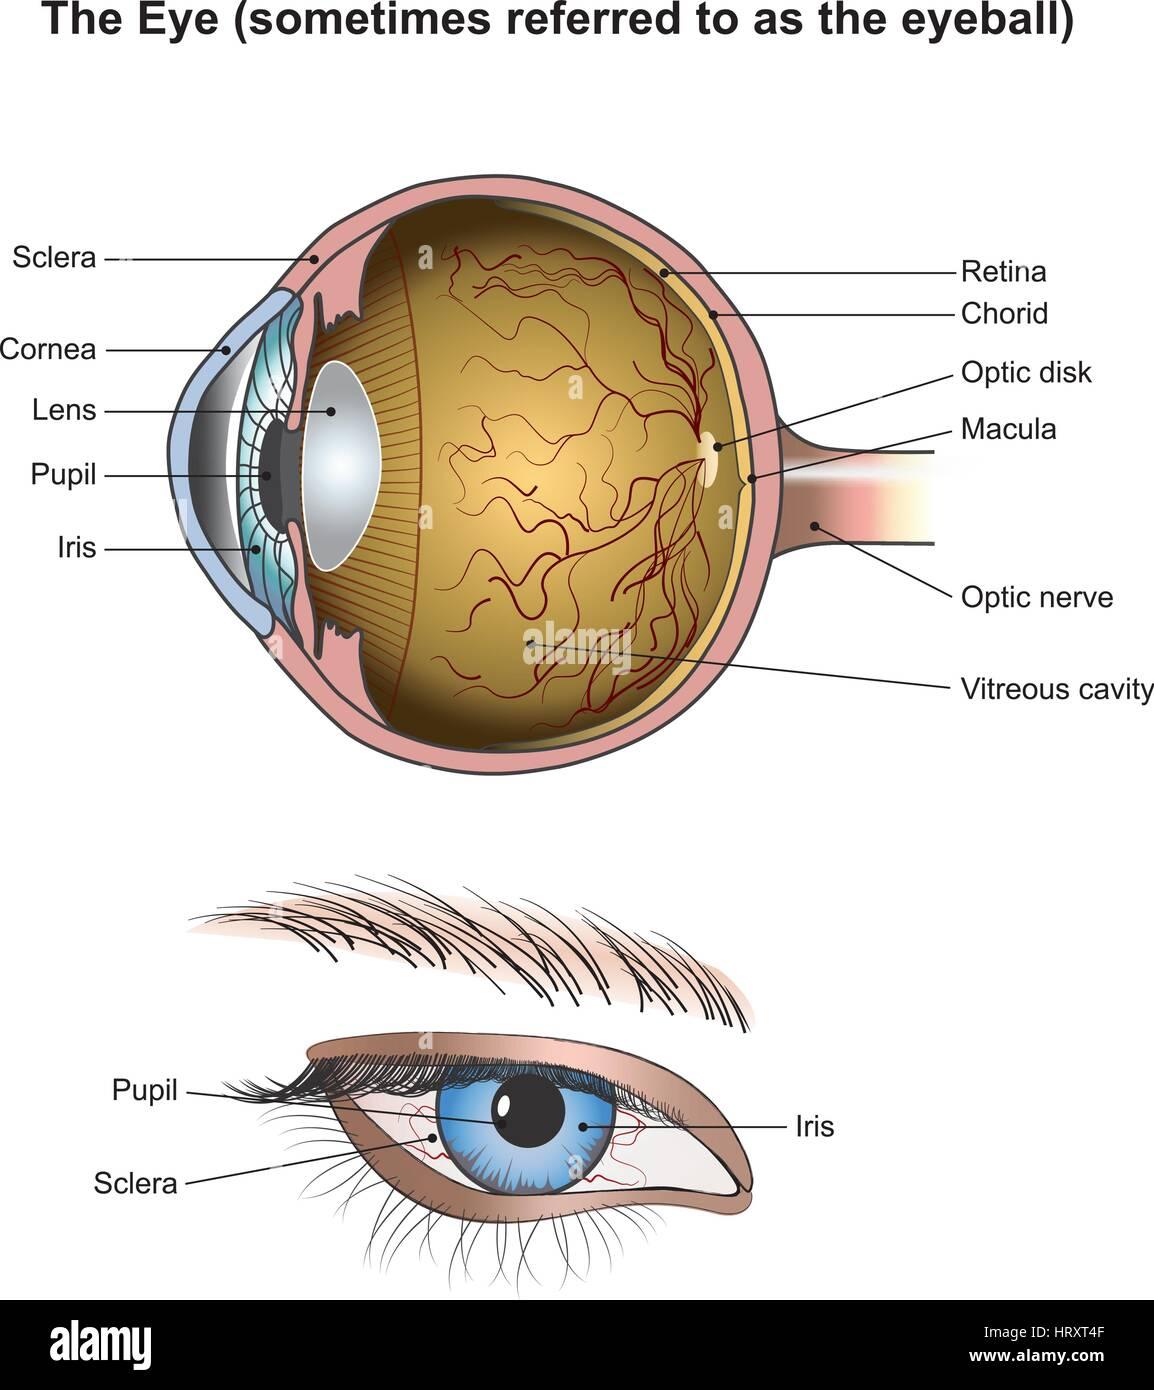 Tolle Anatomie Der Iris Ideen - Menschliche Anatomie Bilder ...